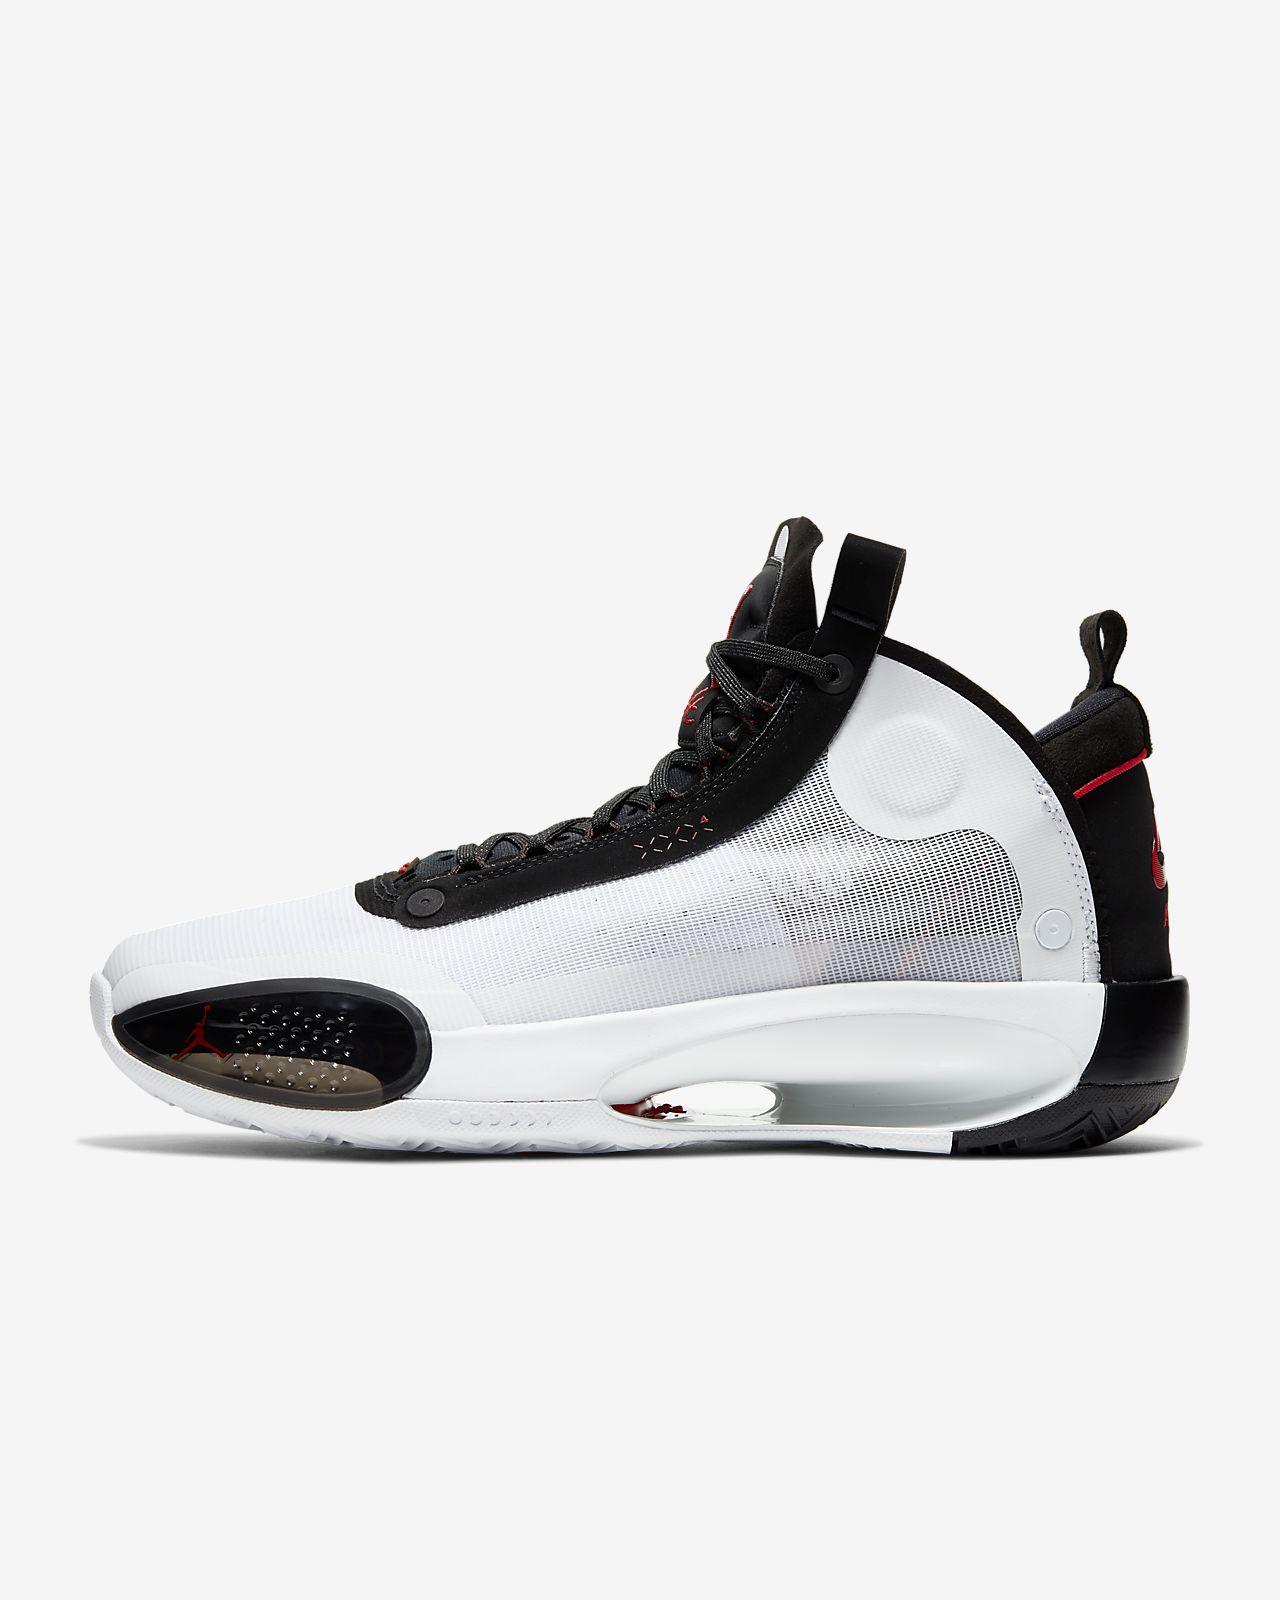 Chaussure de basketball Air Jordan XXXIV